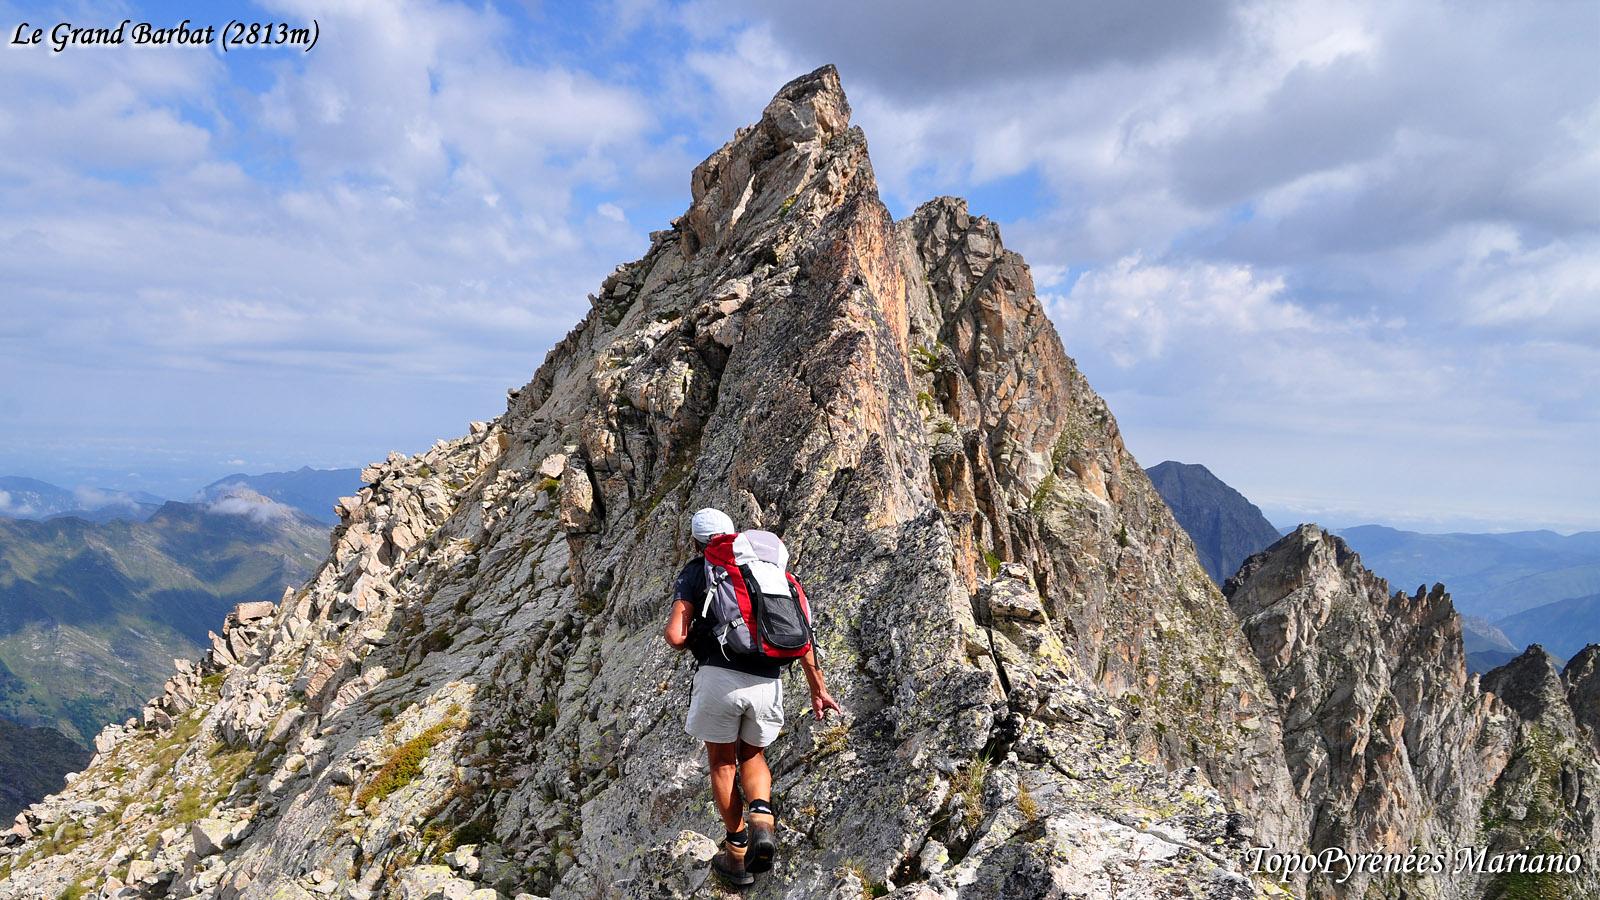 Randonnée Grand Barbat (2813m) en boucle par la cheminée Ledormeur et brèche Hourat